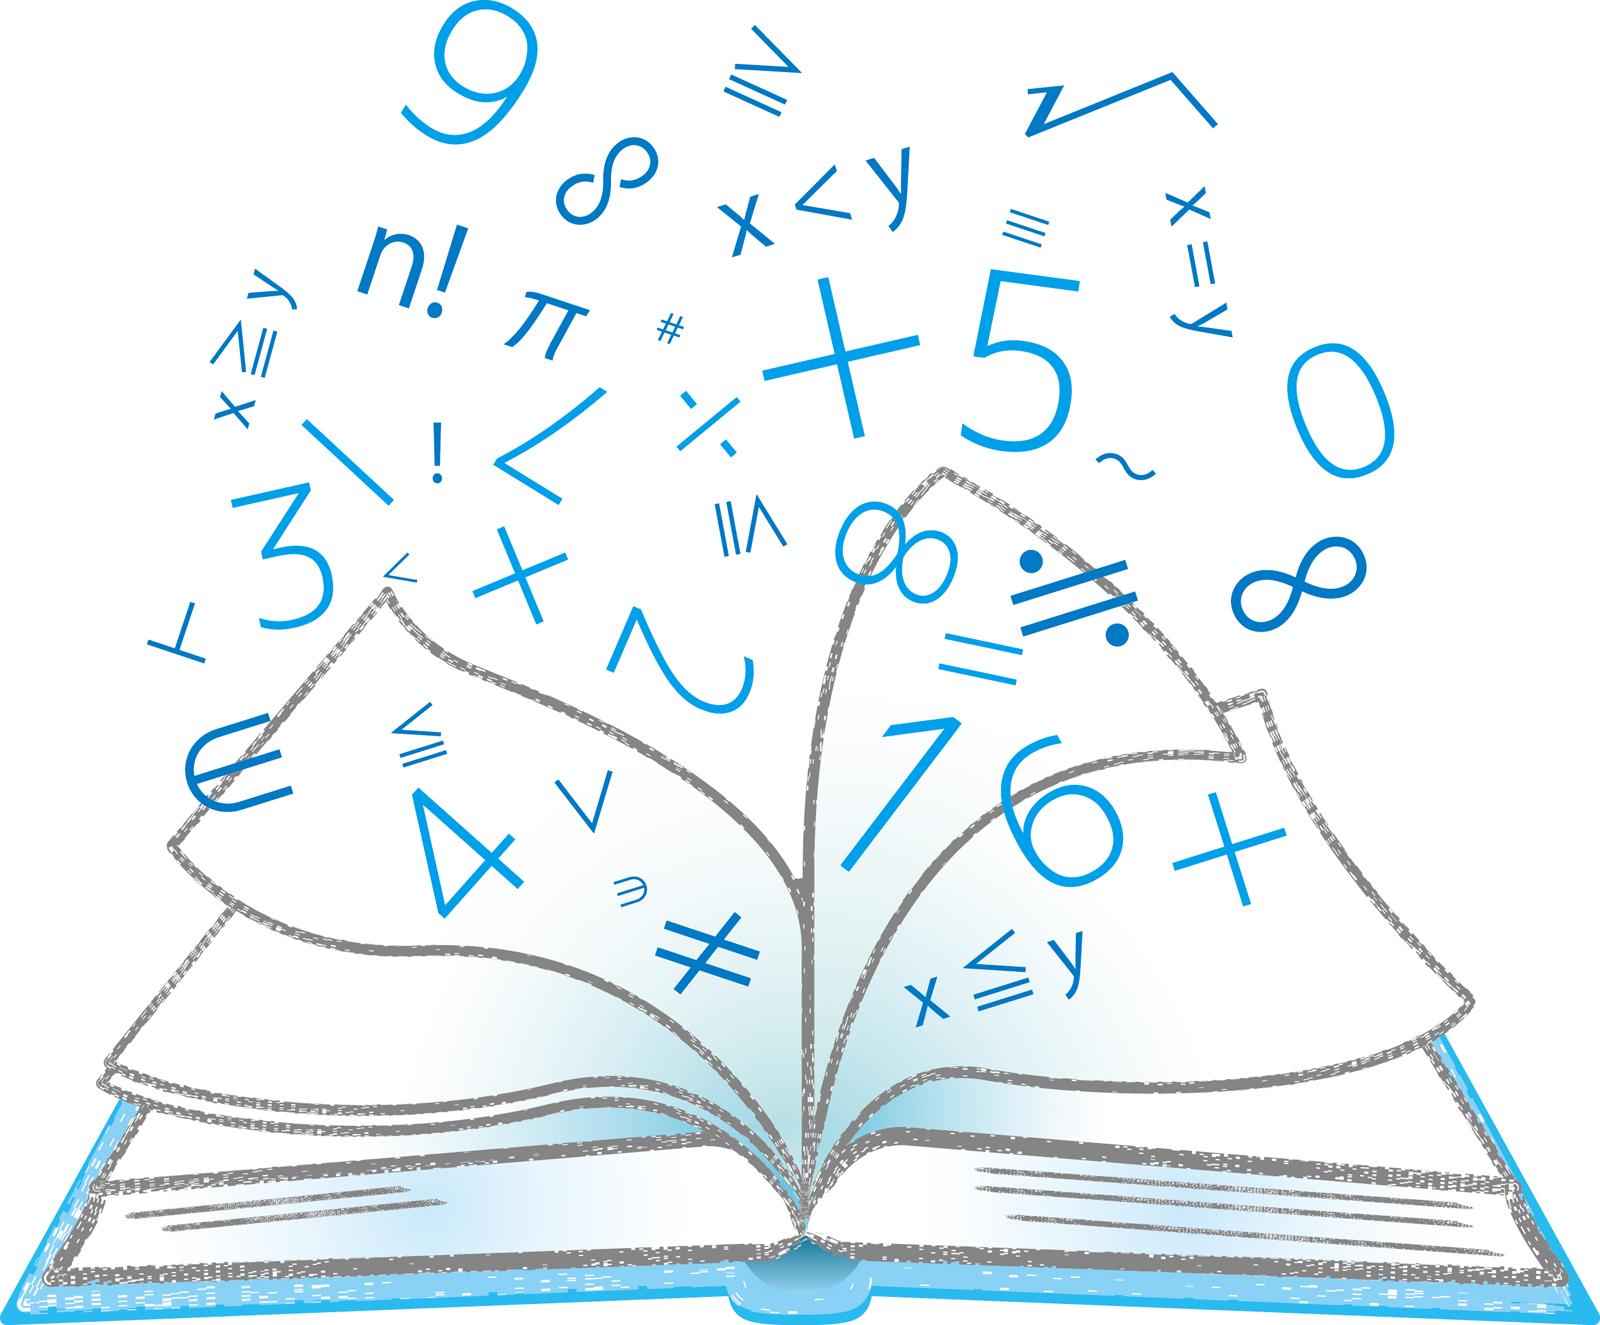 【数学編】2020年度公立高校入試の傾向・対策【受験生必読!】